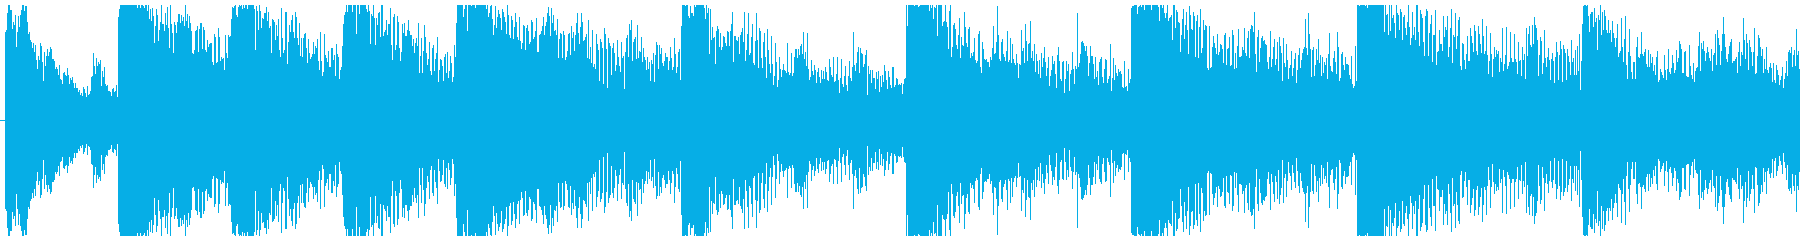 ハローウィン用のホラー曲-ループ2の再生済みの波形